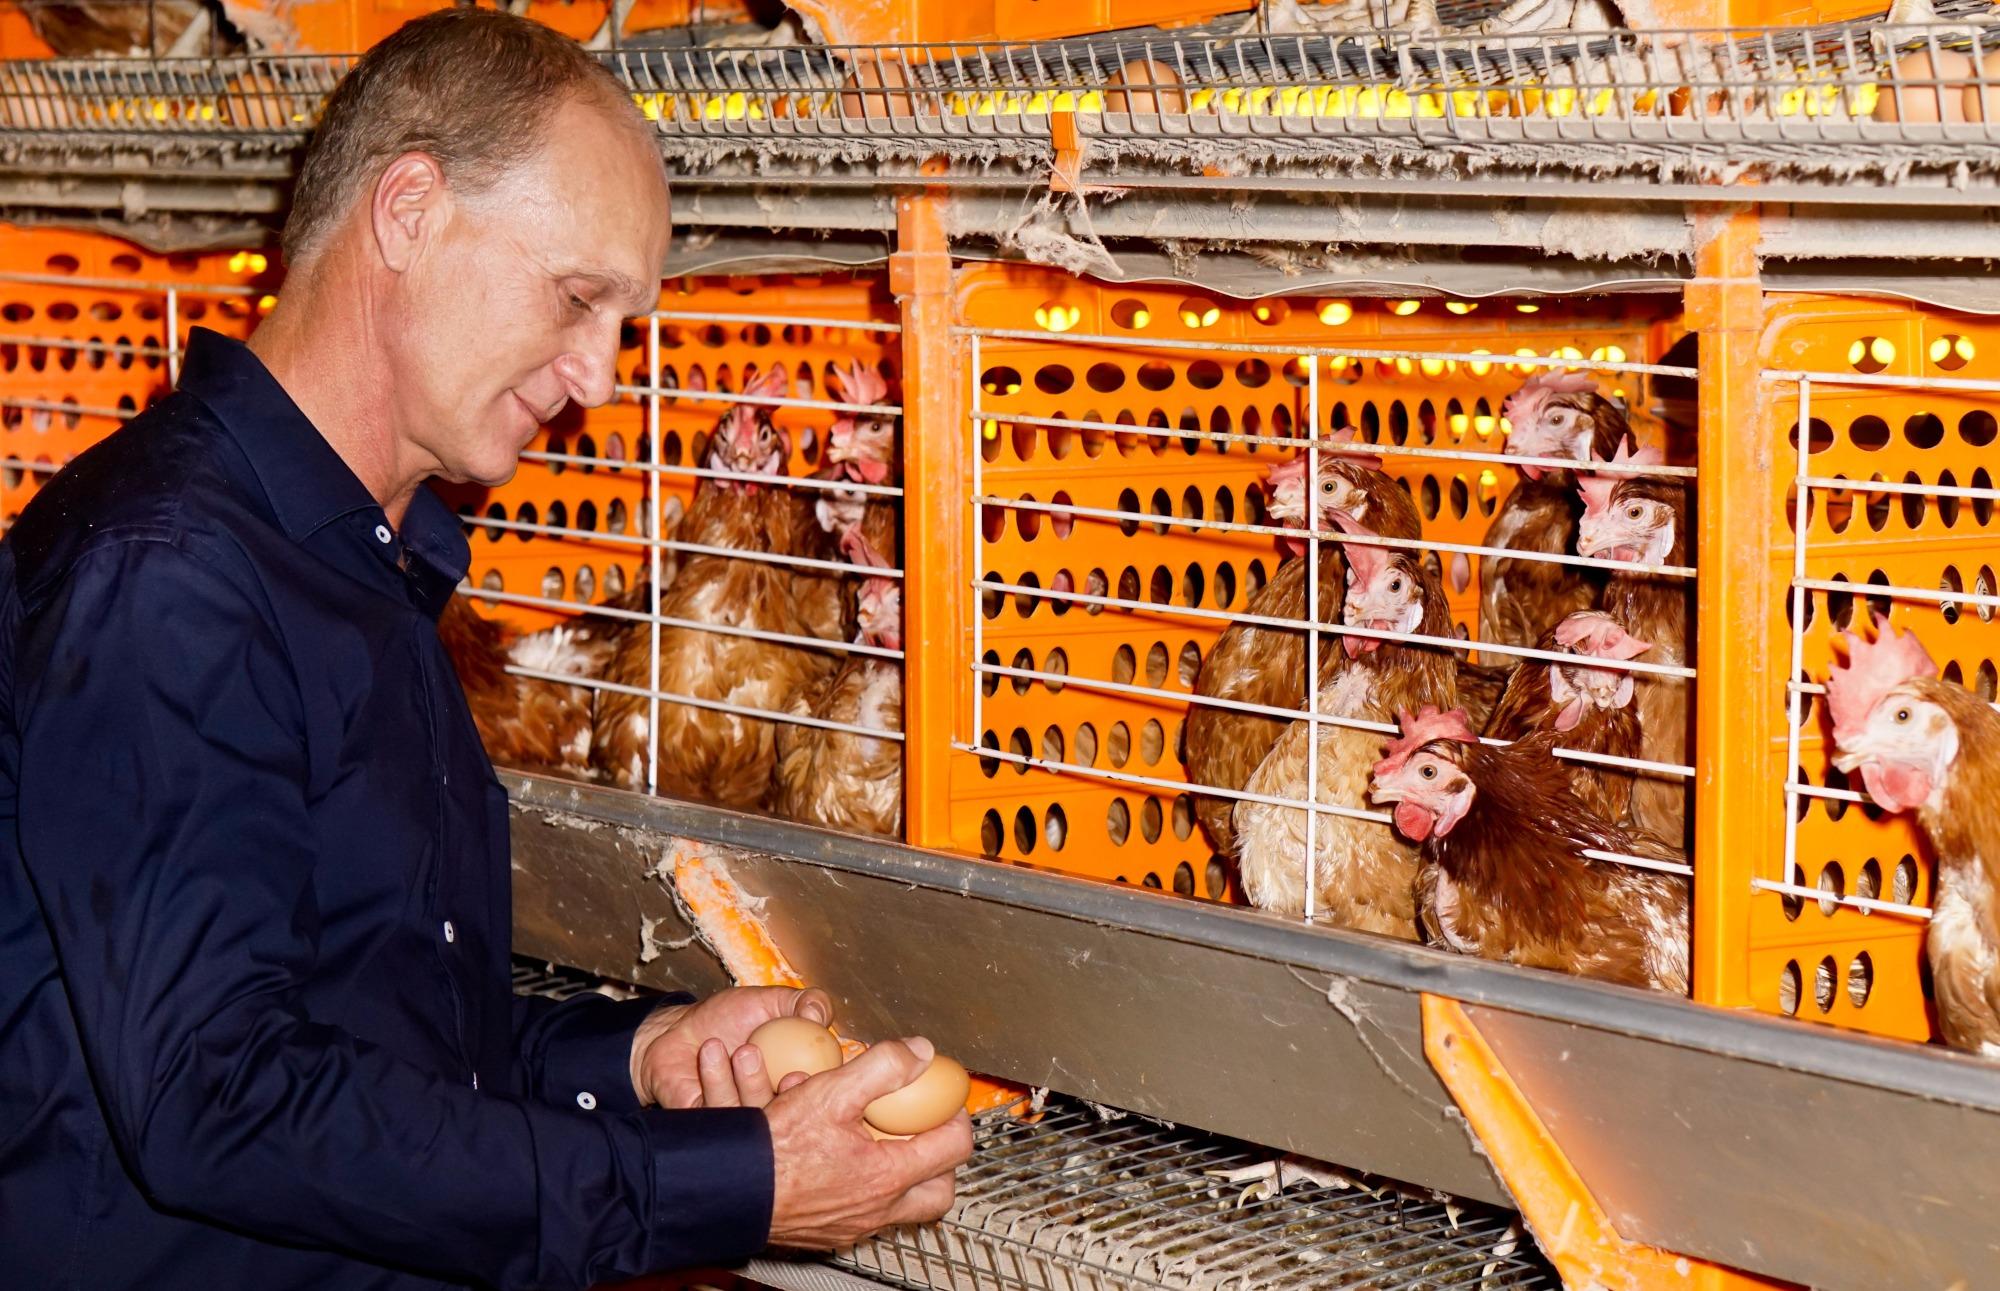 Avicultor paranaense abastece veículo com biocombustível feito com dejetos de animais